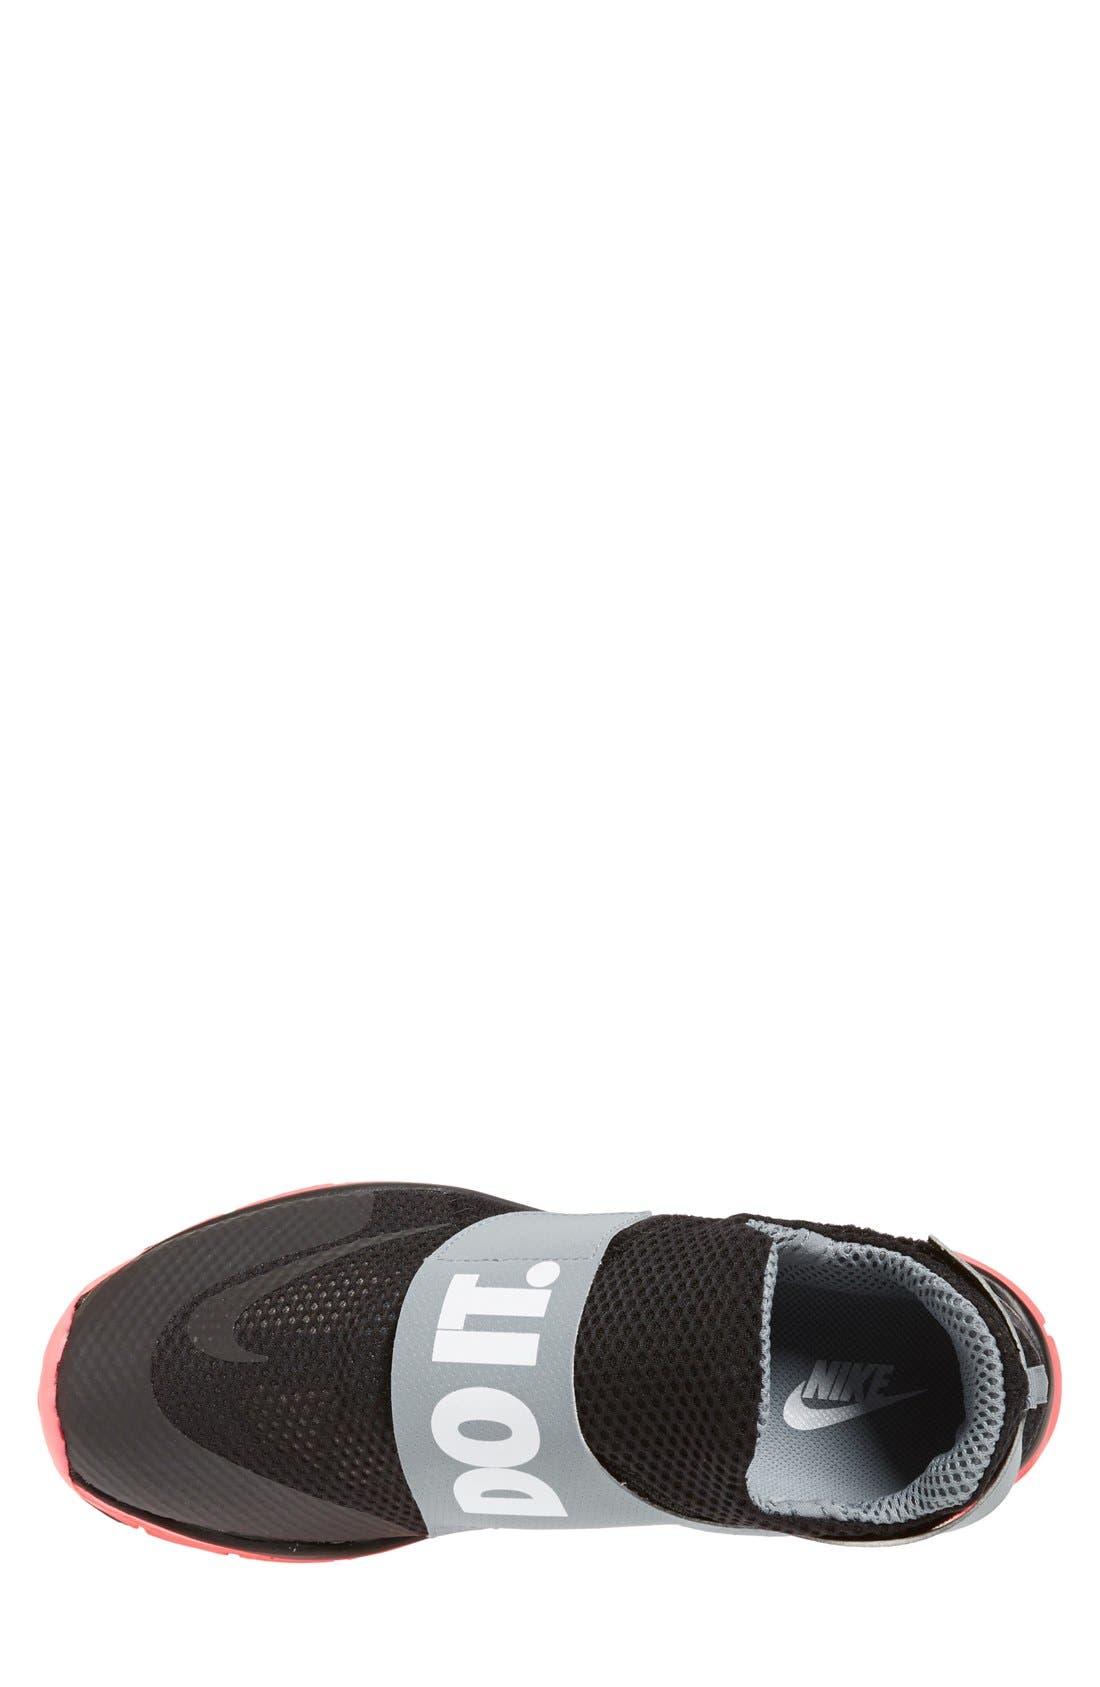 Alternate Image 3  - Nike 'Lunar Fly 306' Sneaker (Men)